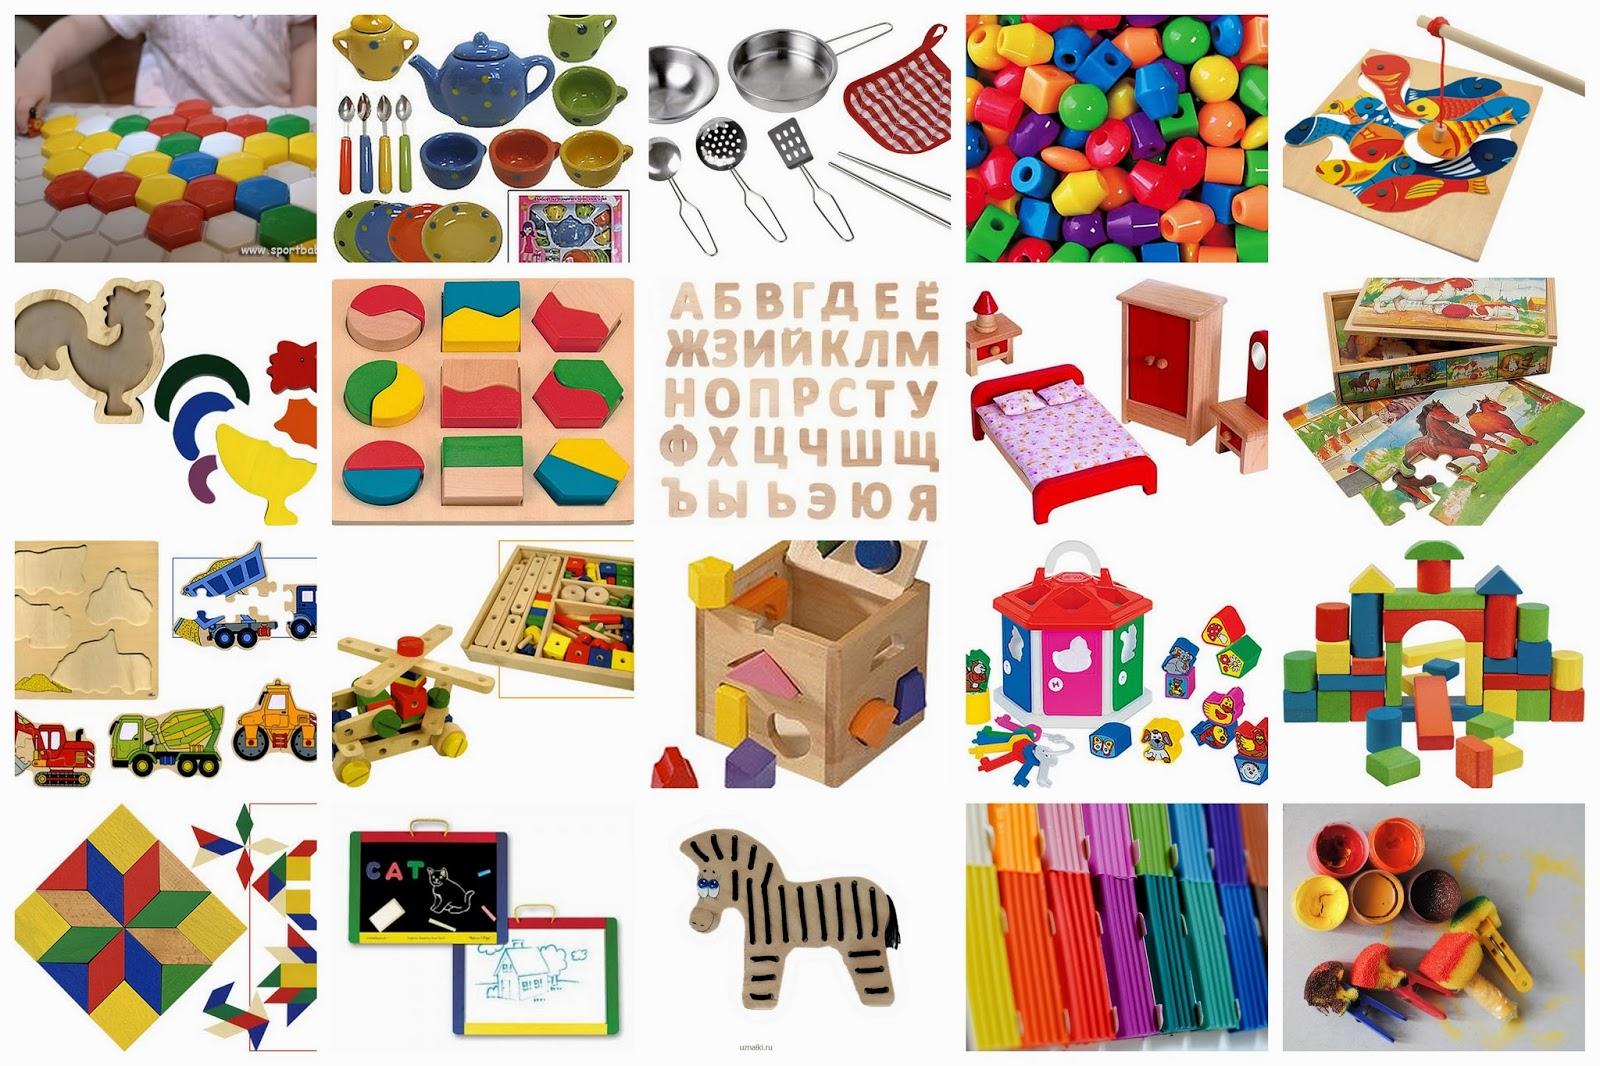 Игрушки для детей 1 5-2 года фото